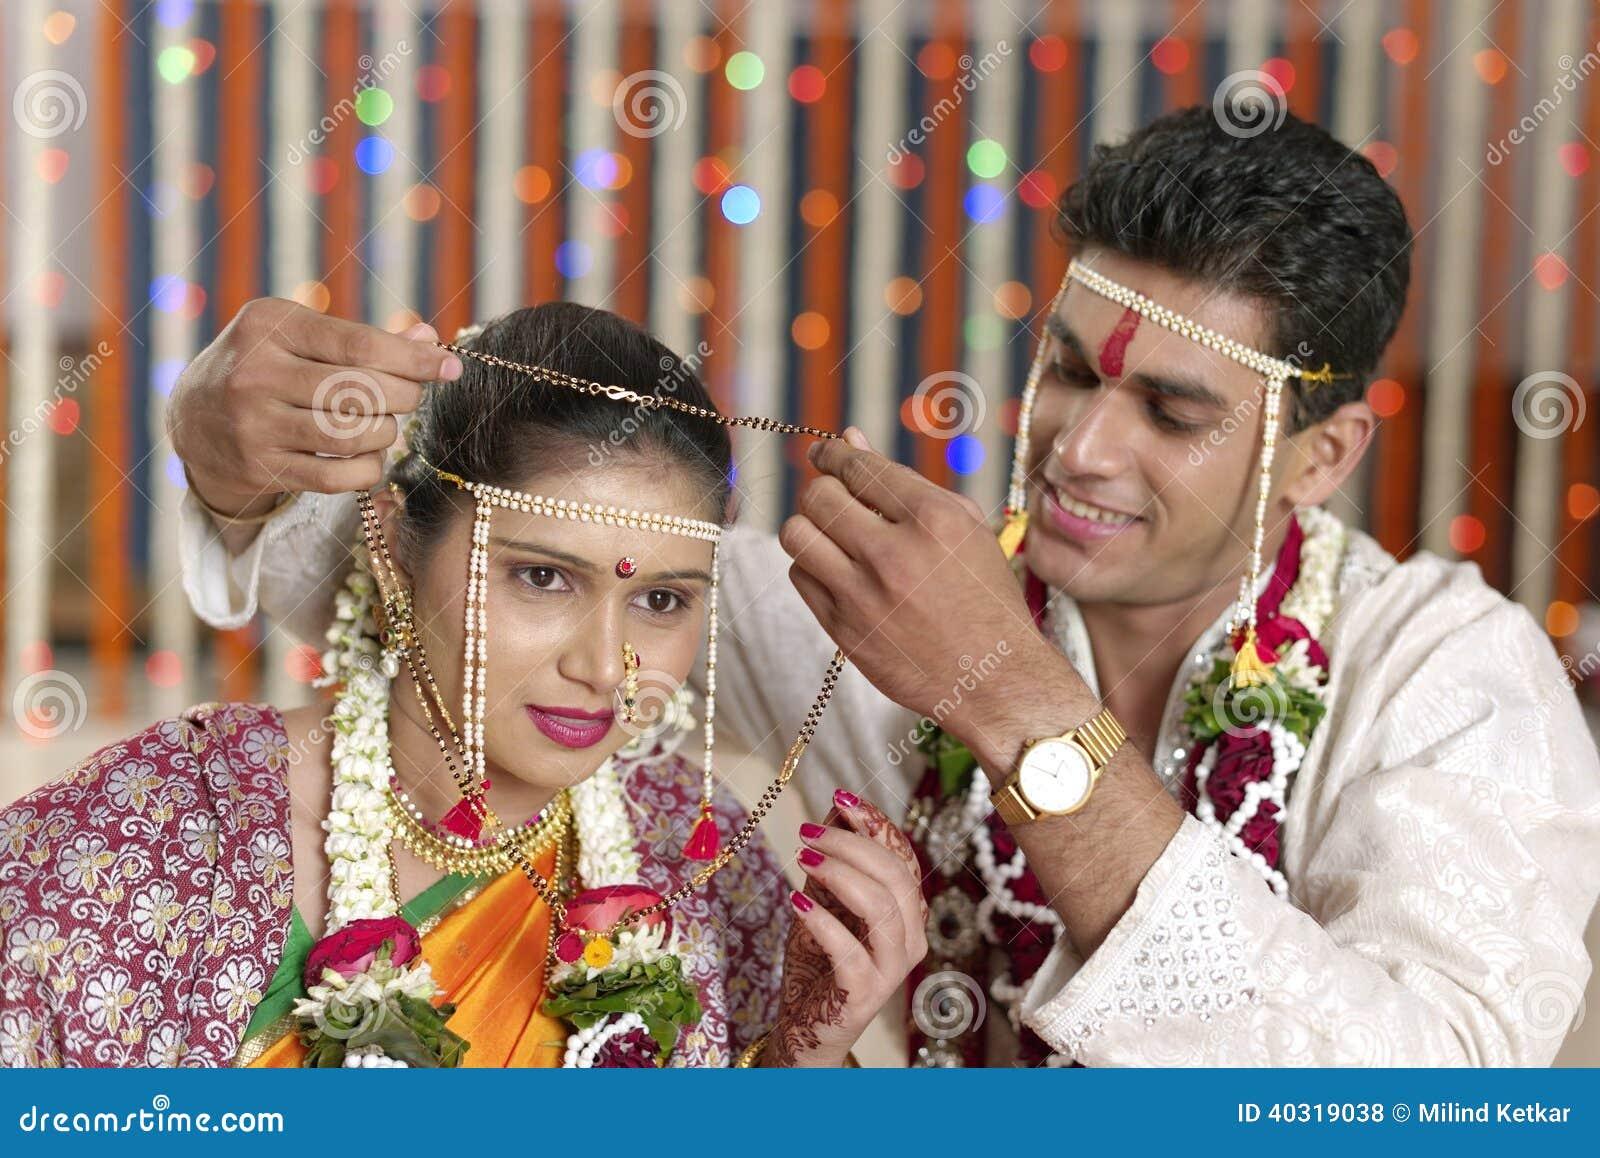 Rituale In Der Indischen Hindischen Hochzeit Stockfoto Bild Von